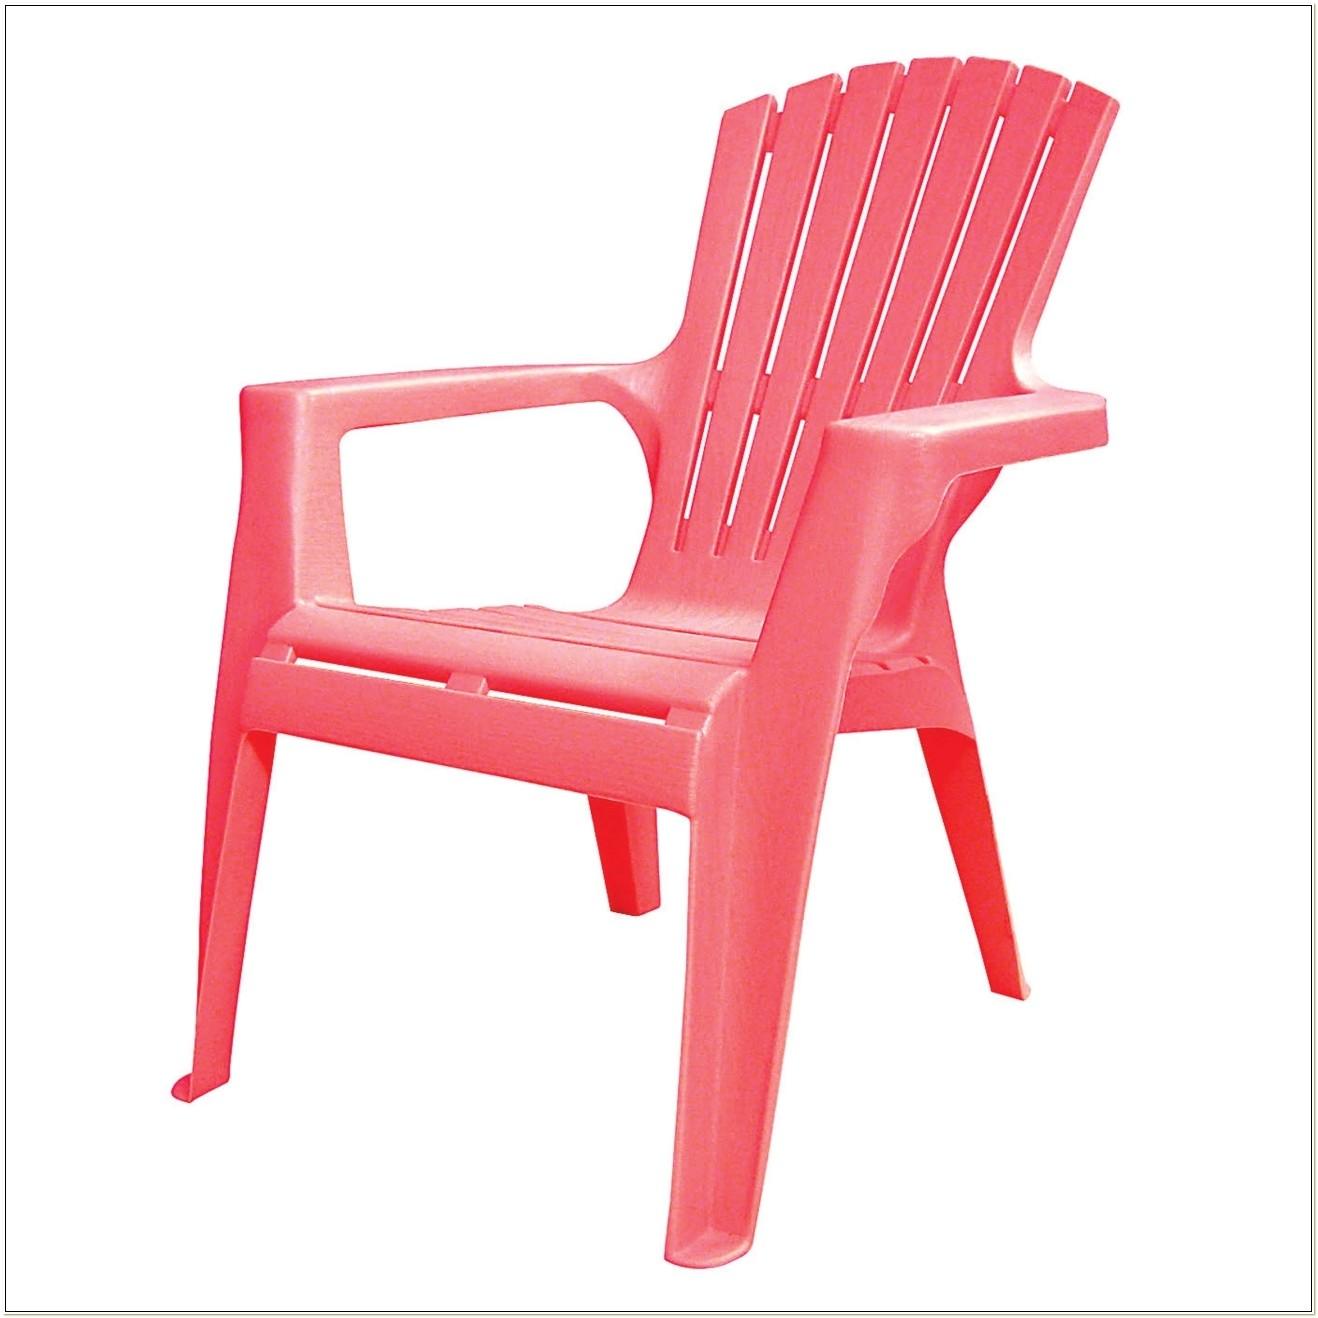 Adams Kids Stacking Adirondack Chair